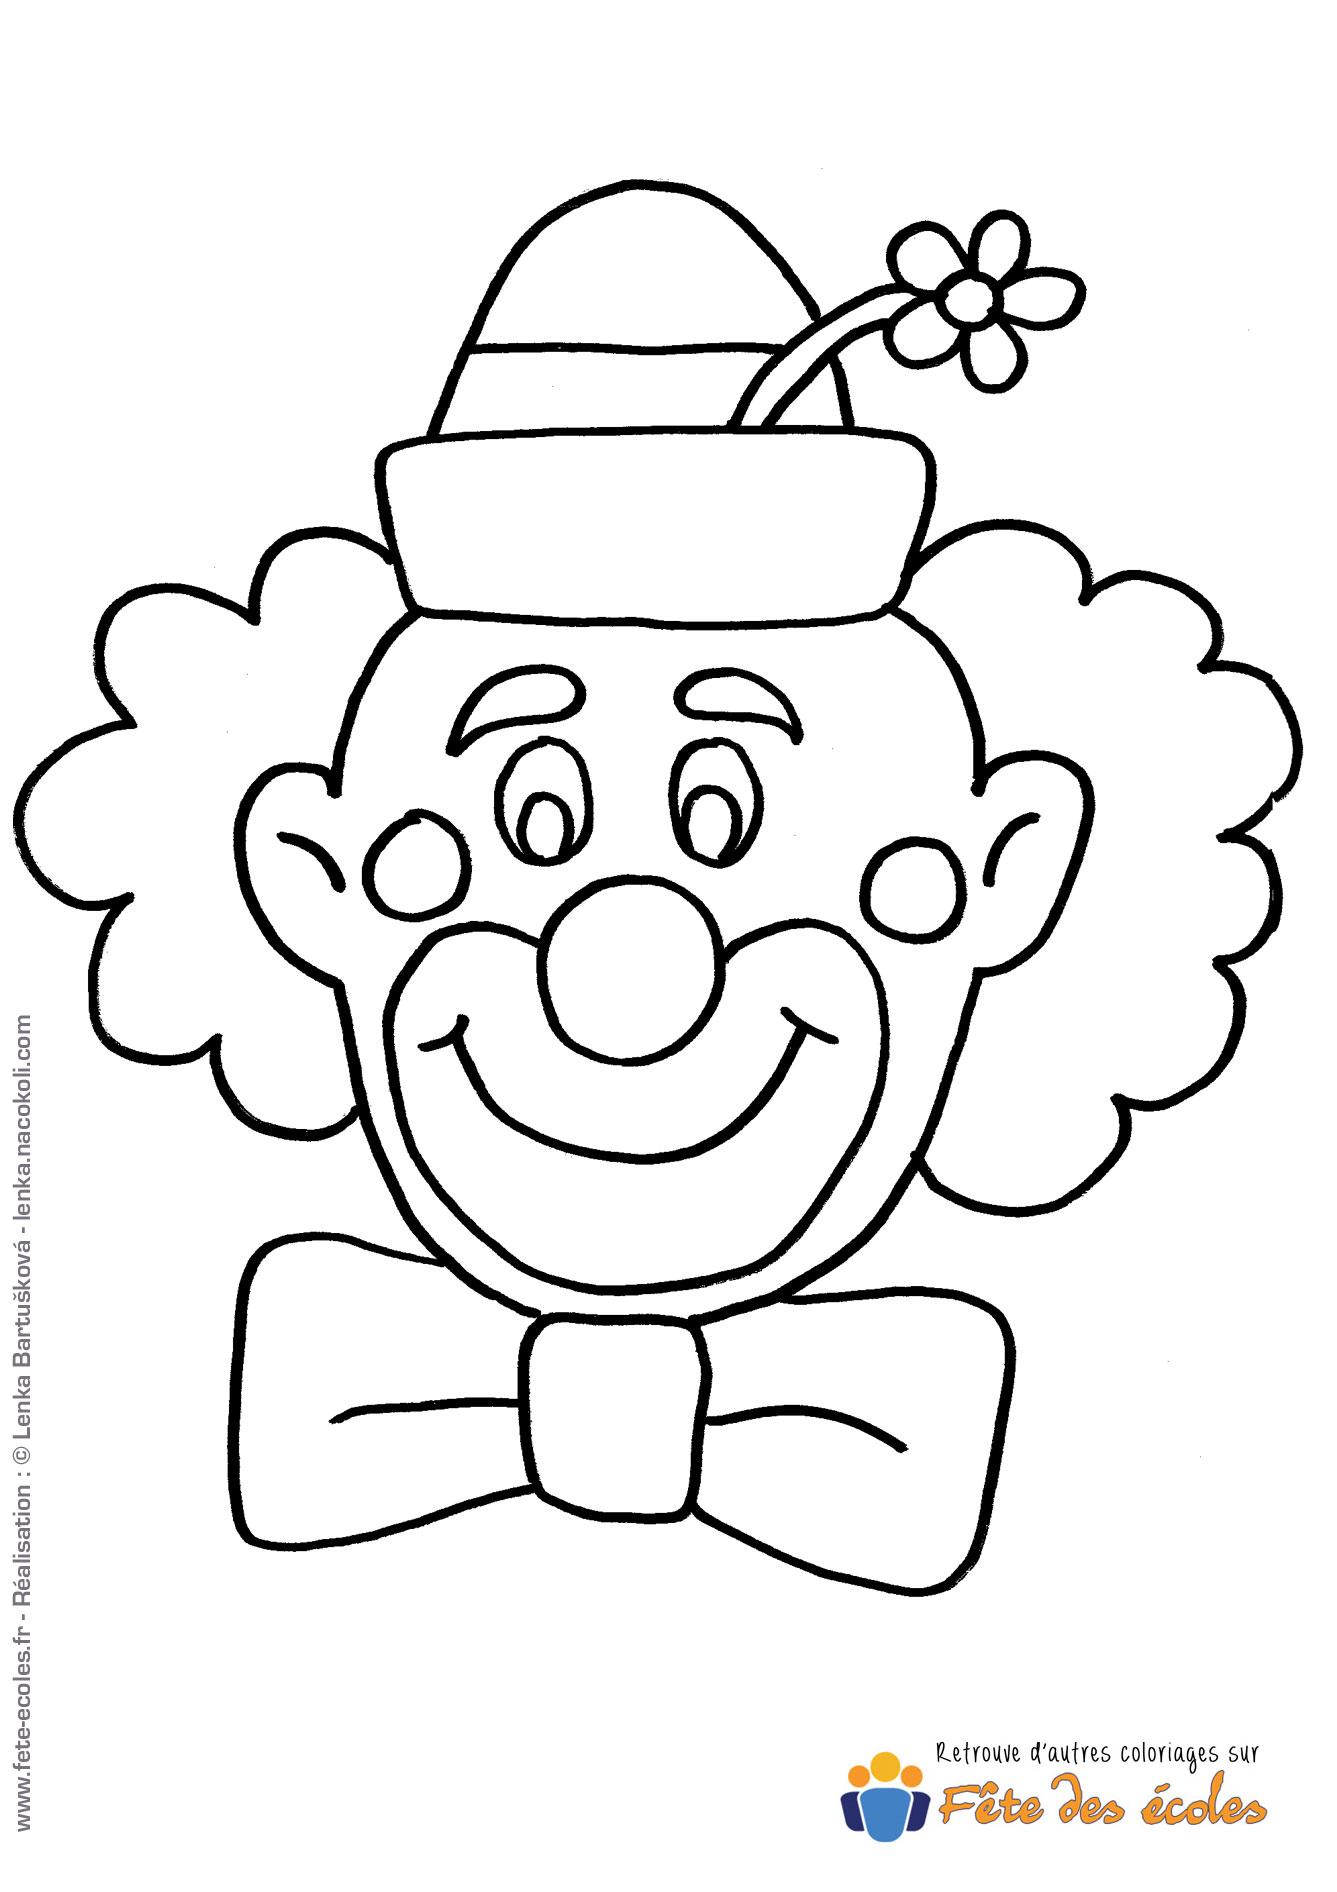 Coloriage Tête De Clown dedans Coloriage Tete De Clown